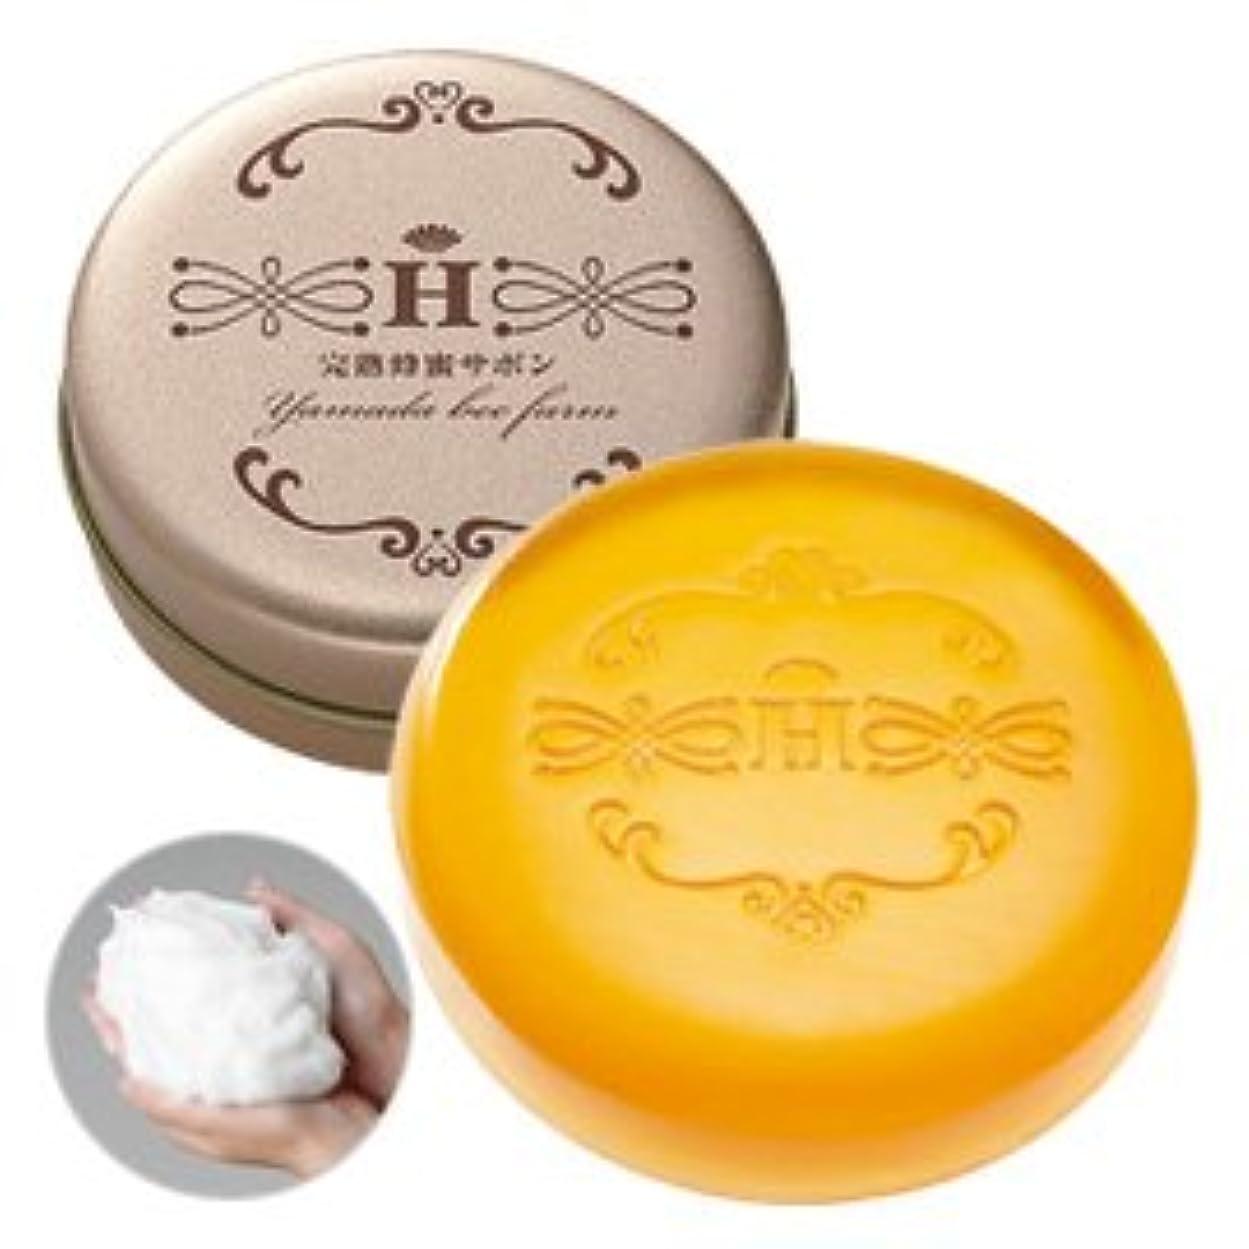 コンテンポラリー遮るシンプルなハニーラボ 完熟蜂蜜サボン〈枠練〉 60g (缶入り)約1ヶ月分/Honey Lab Ripen Honey Soap <60g> In a can